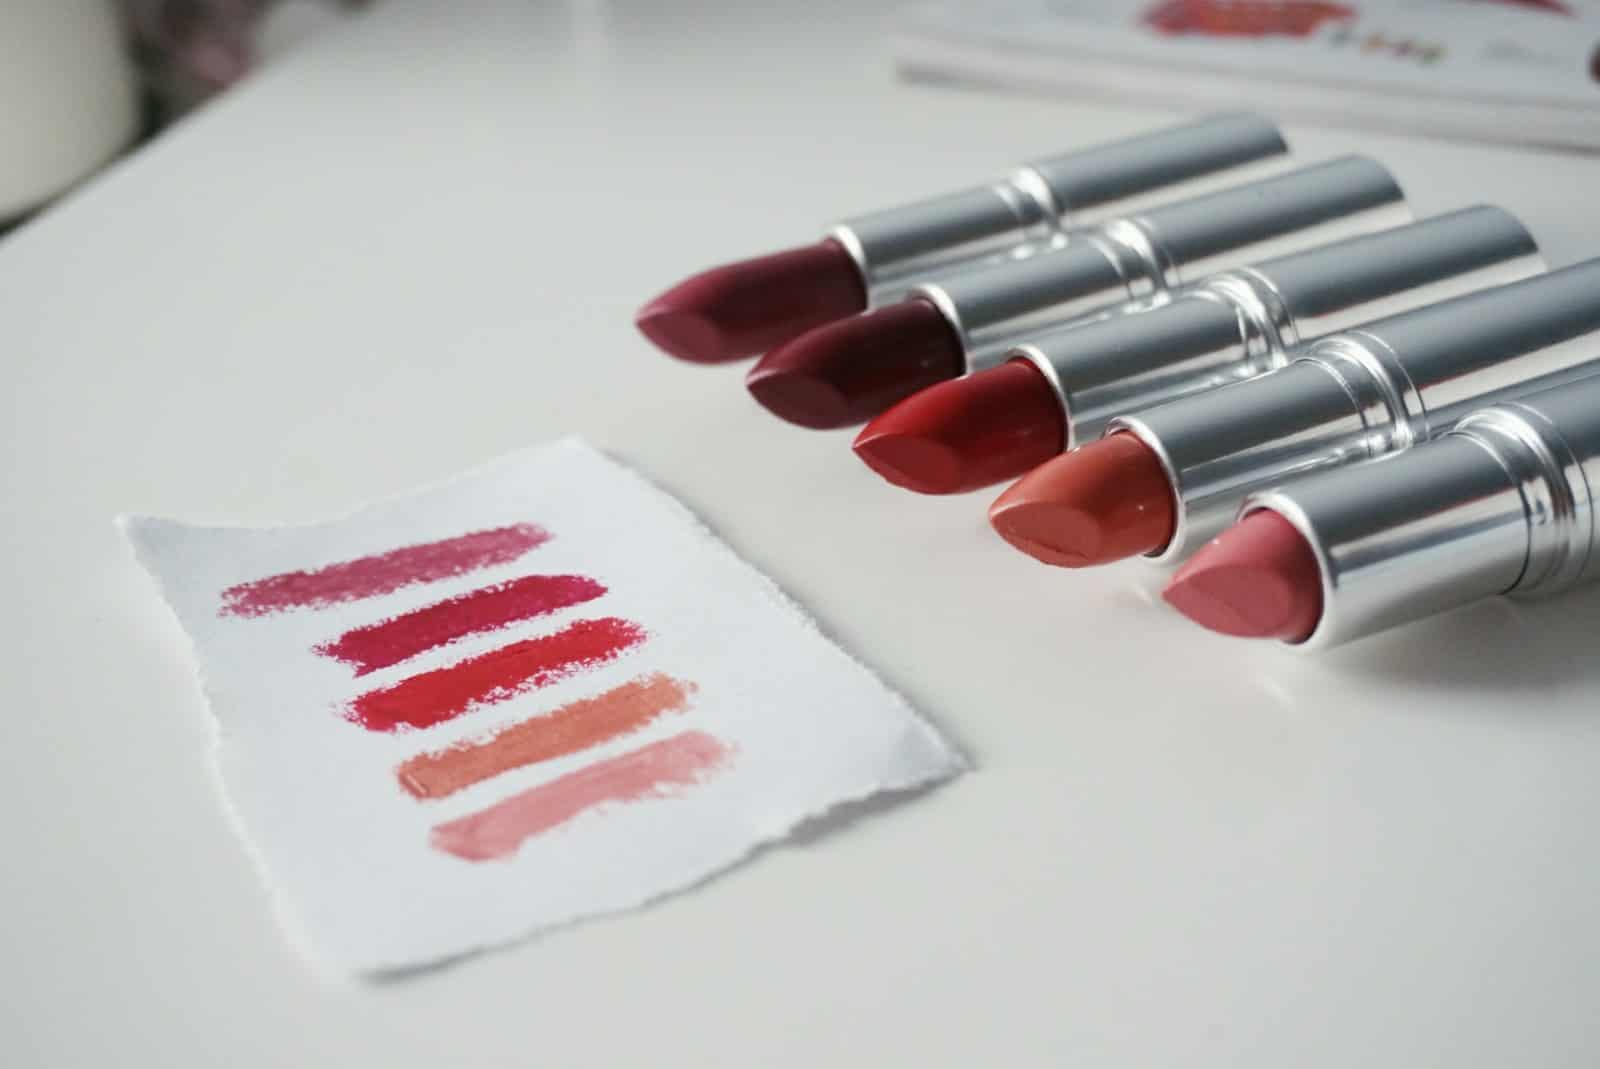 Best Hypoallergenic Lipstick